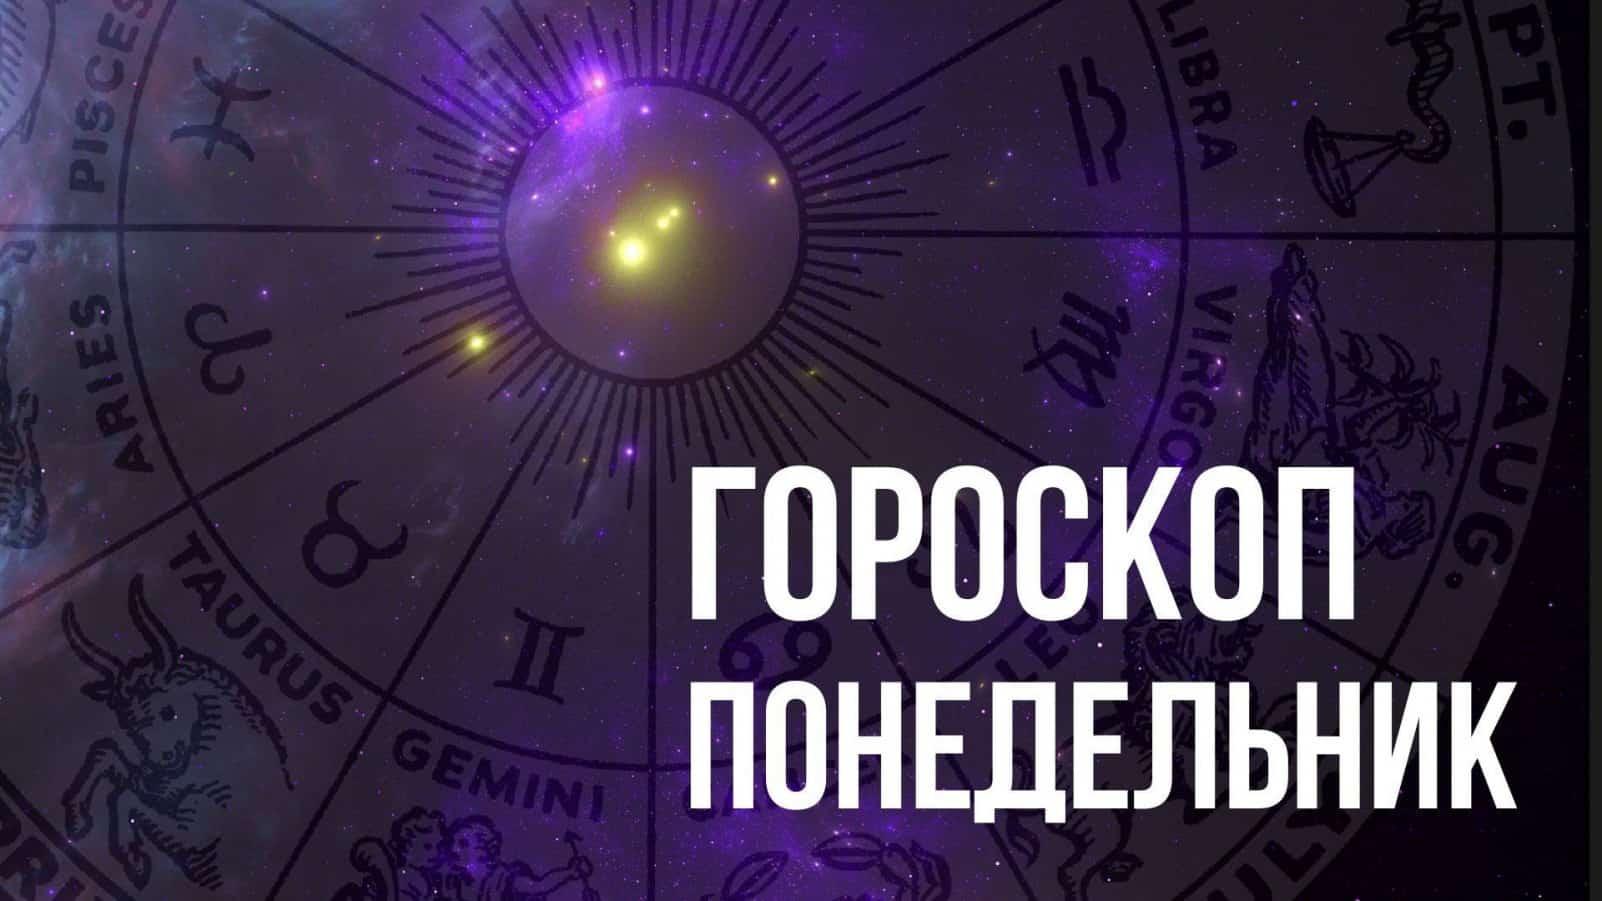 Гороскоп на понедельник 20 сентября для каждого знака Зодиака